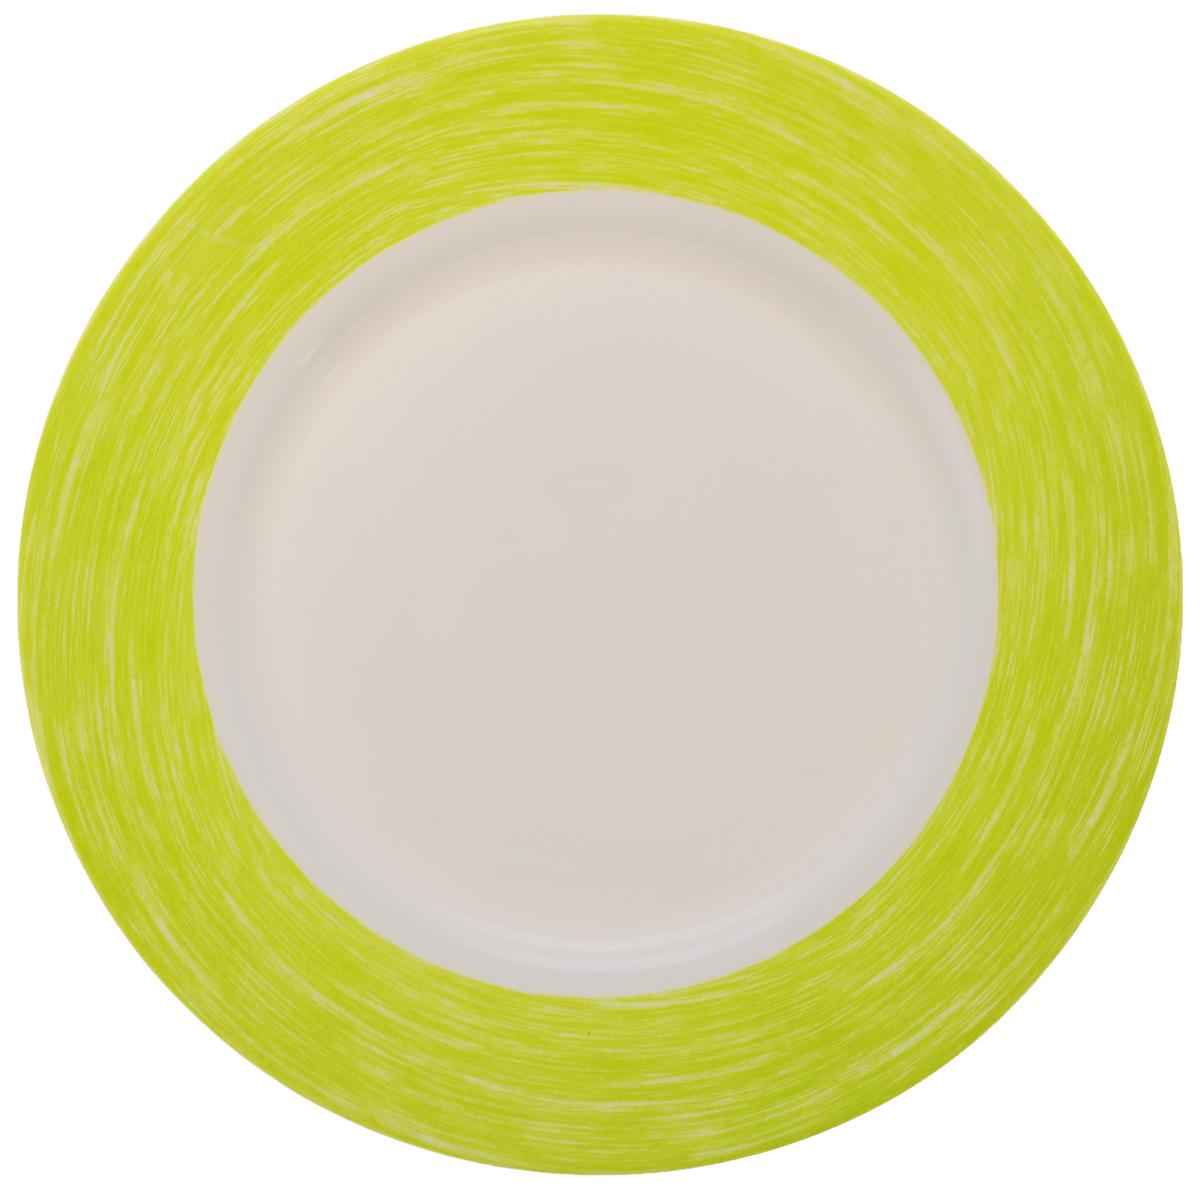 Тарелка обеденная Luminarc Color Days Anis, диаметр 24 см115510Обеденная тарелка Luminarc Color Days Anis, изготовленная из высококачественного стекла, имеет изысканный внешний вид. Яркий дизайн придется по вкусу и ценителям классики, и тем, кто предпочитает утонченность. Тарелка Luminarc Color Days Anis идеально подойдет для сервировки стола и станет отличным подарком к любому празднику.Диаметр (по верхнему краю): 24 см.